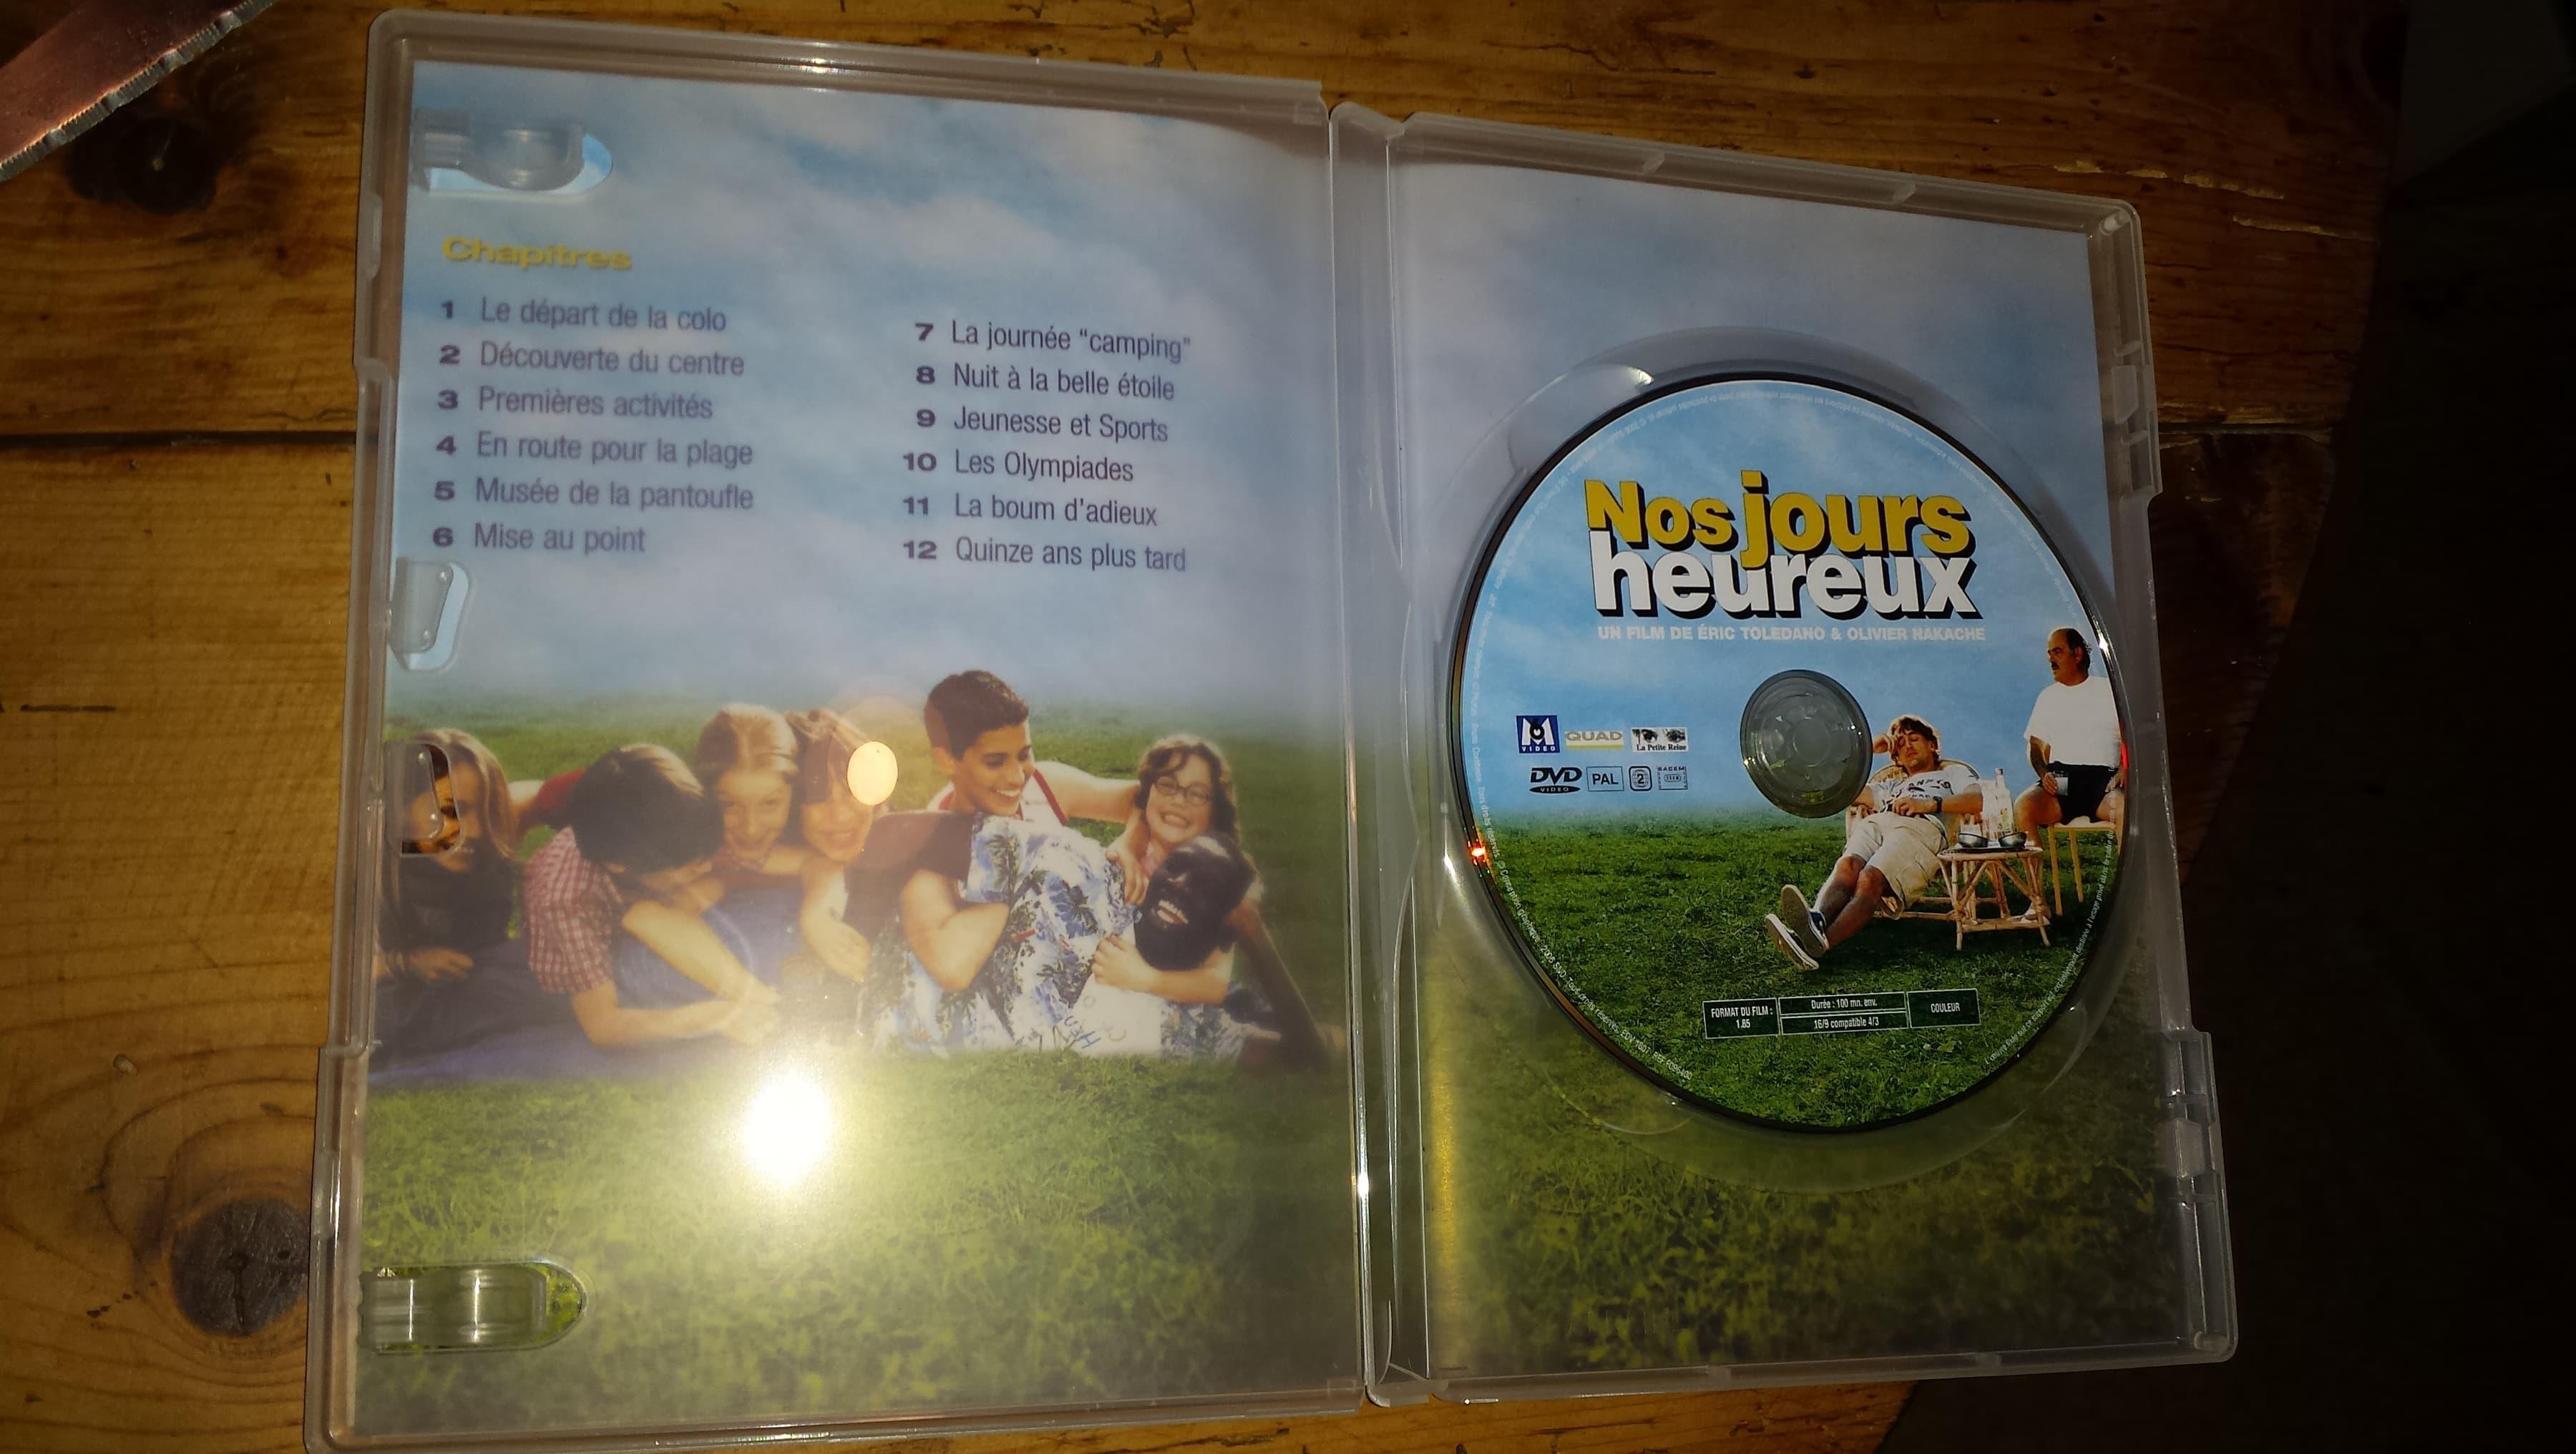 """troc de troc dvd film """"nos jours heureux"""" image 2"""